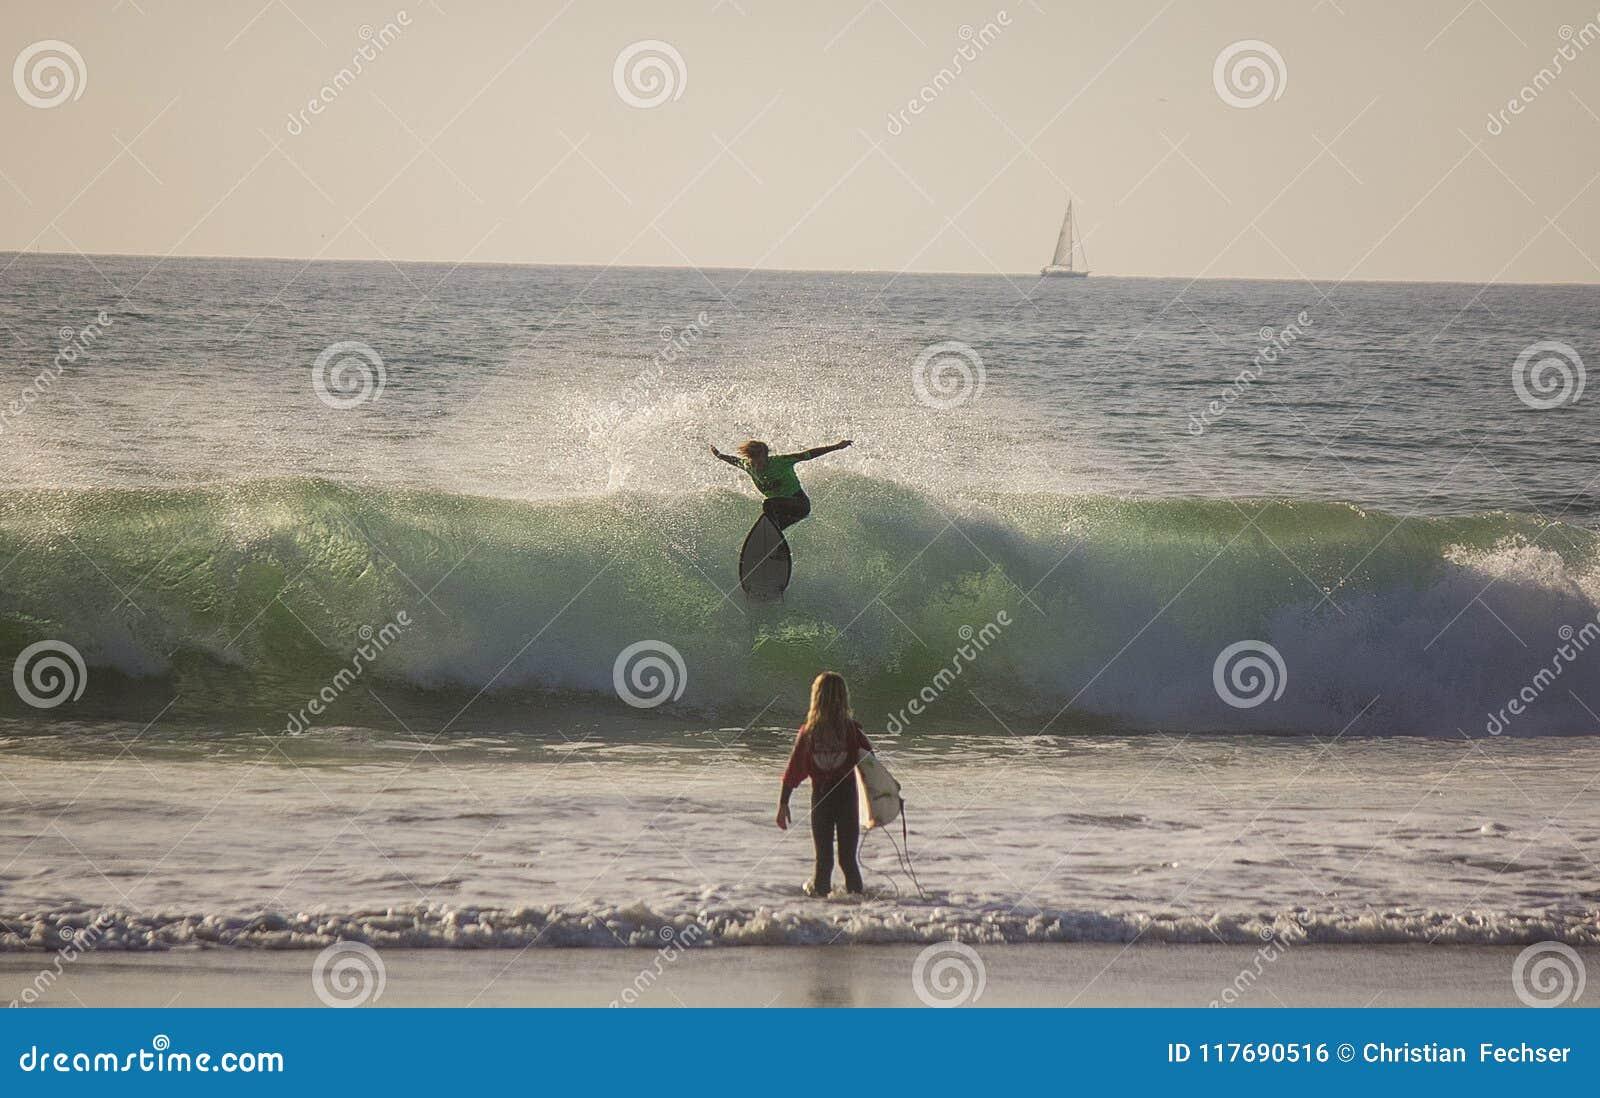 Κάνοντας σερφ στην παραλία του Σαν Κλεμέντε, Καλιφόρνια